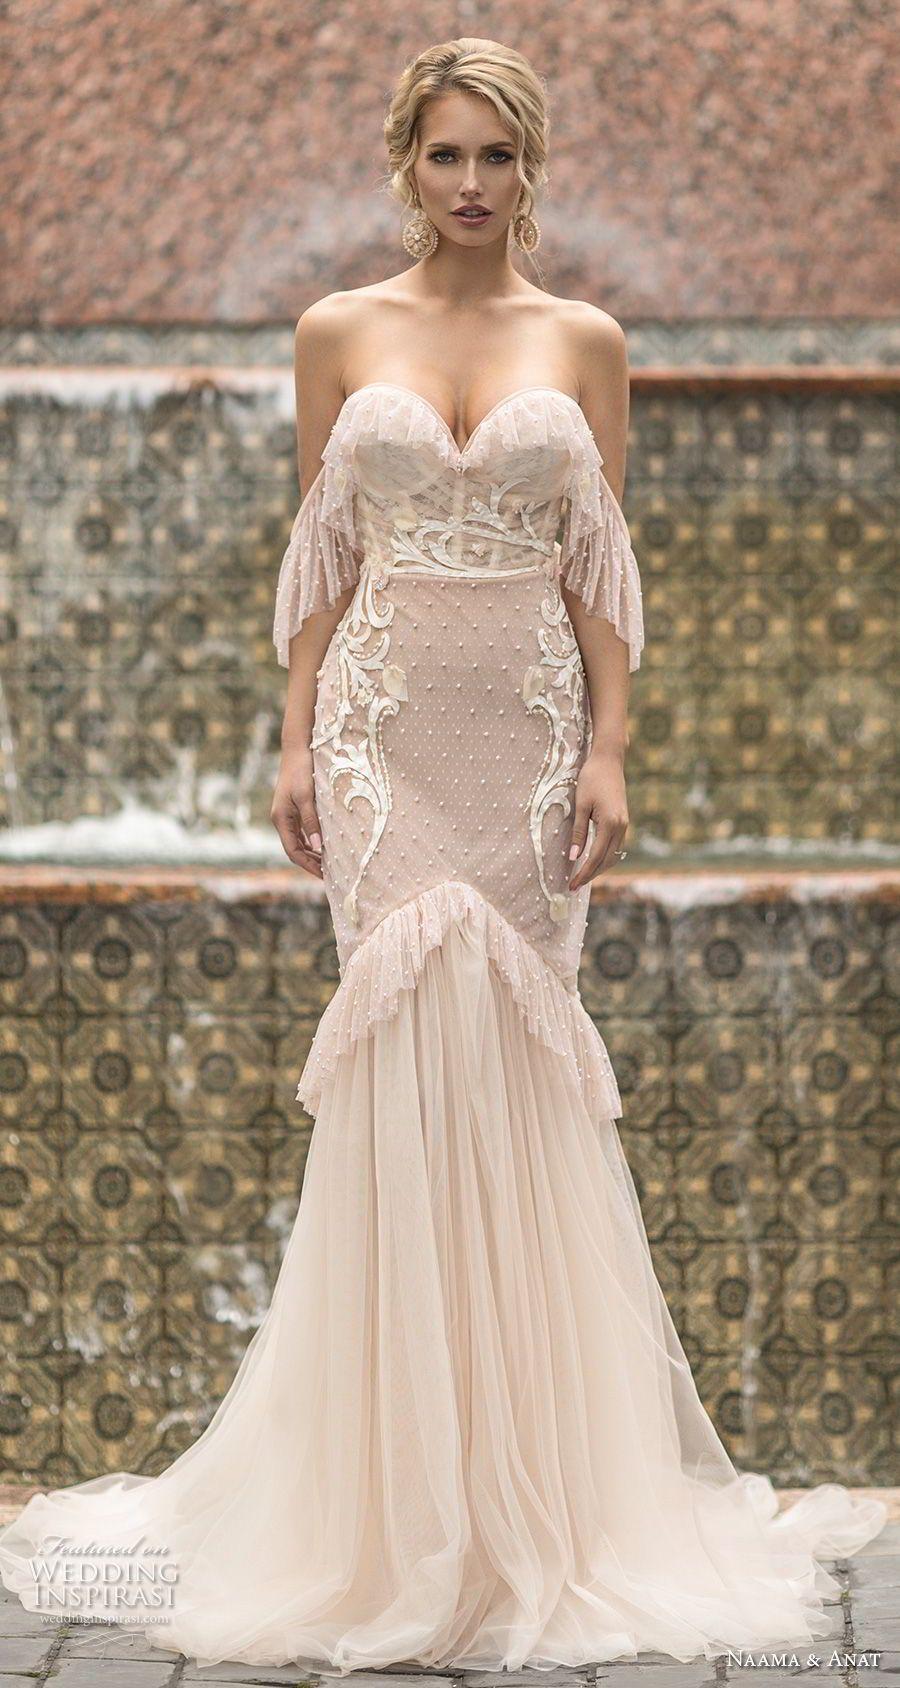 Naama Anat Frühling 2019 Braut ärmellos Mit Gurt Tiefem V Hals Voll  Verschönerung Sexy Glamourösen Mantel